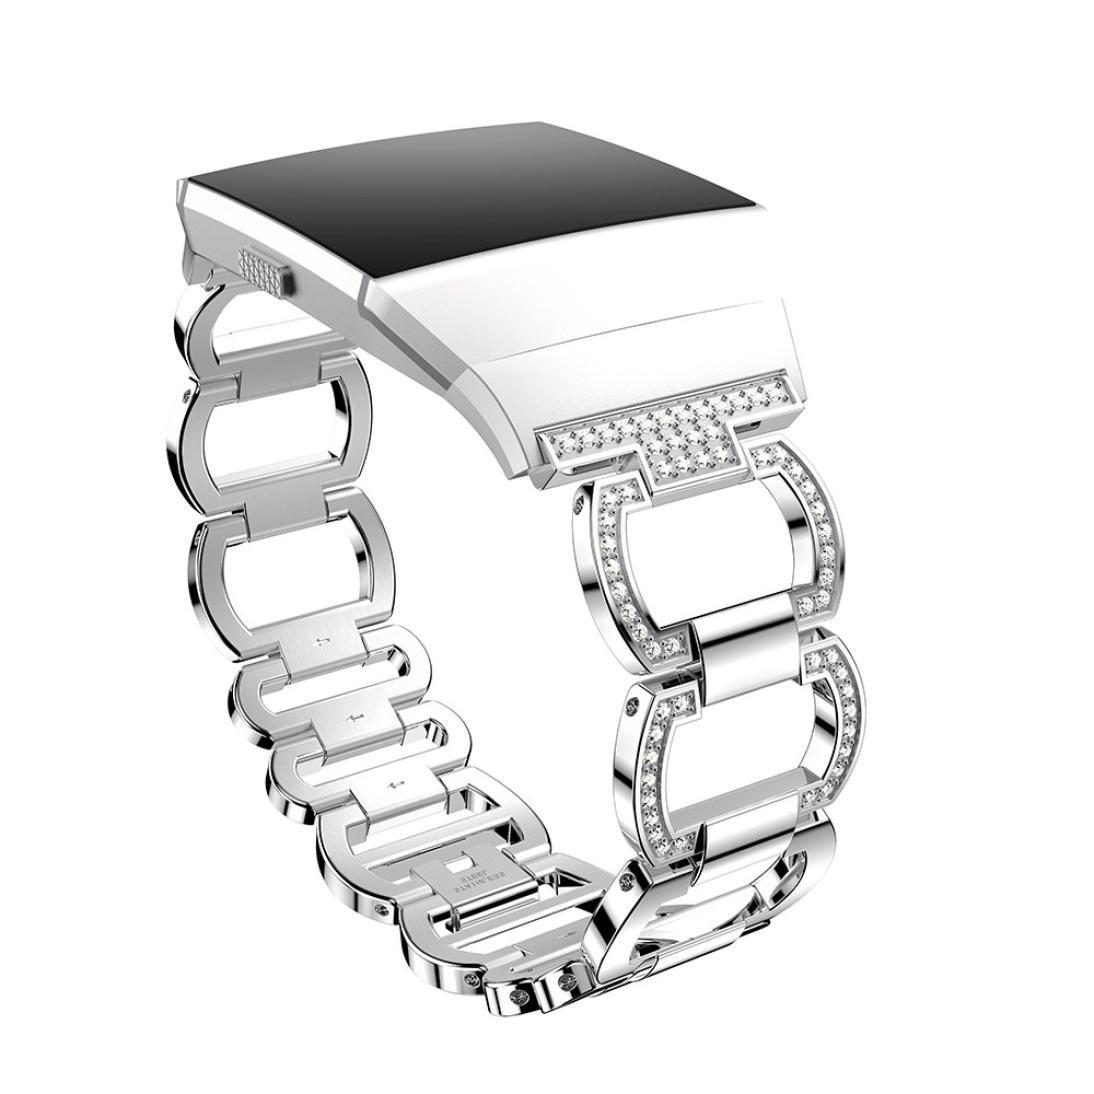 hp95 for Fitbit Ionic用時計バンドアクセサリー、( TM )ラグジュアリークリスタルダイヤモンドブレスレット交換ステンレス鋼ストラップFitbit Ionic  シルバー B07C3S4GGN